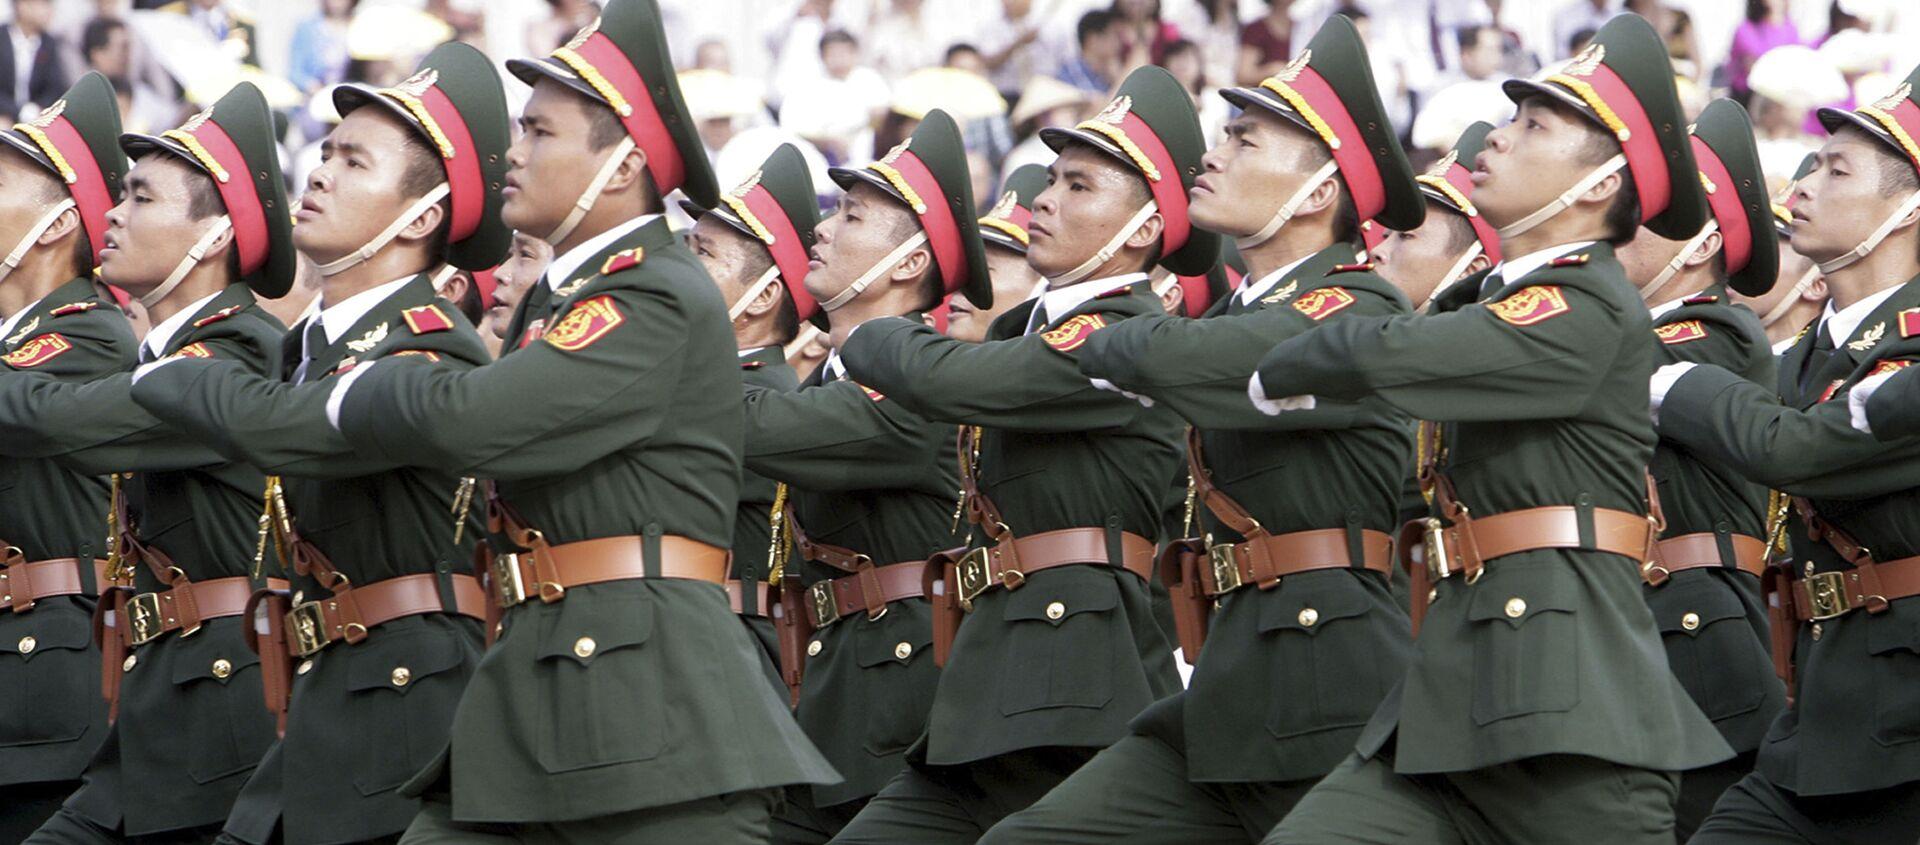 Các chiến sĩ Việt Nam - Sputnik Việt Nam, 1920, 10.06.2021